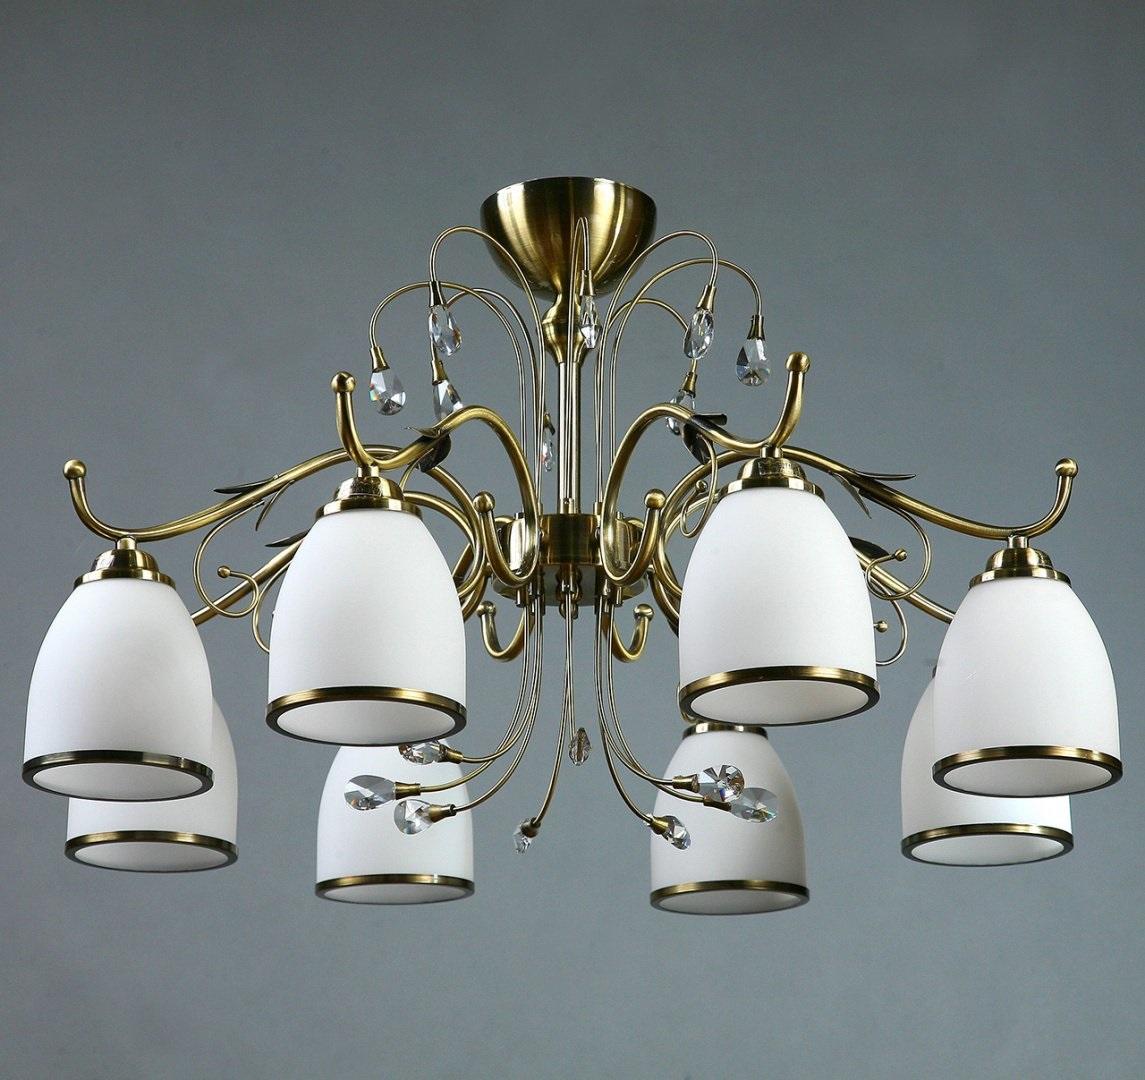 Светильник потолочный Brizzi ma 02640c/008 bronze